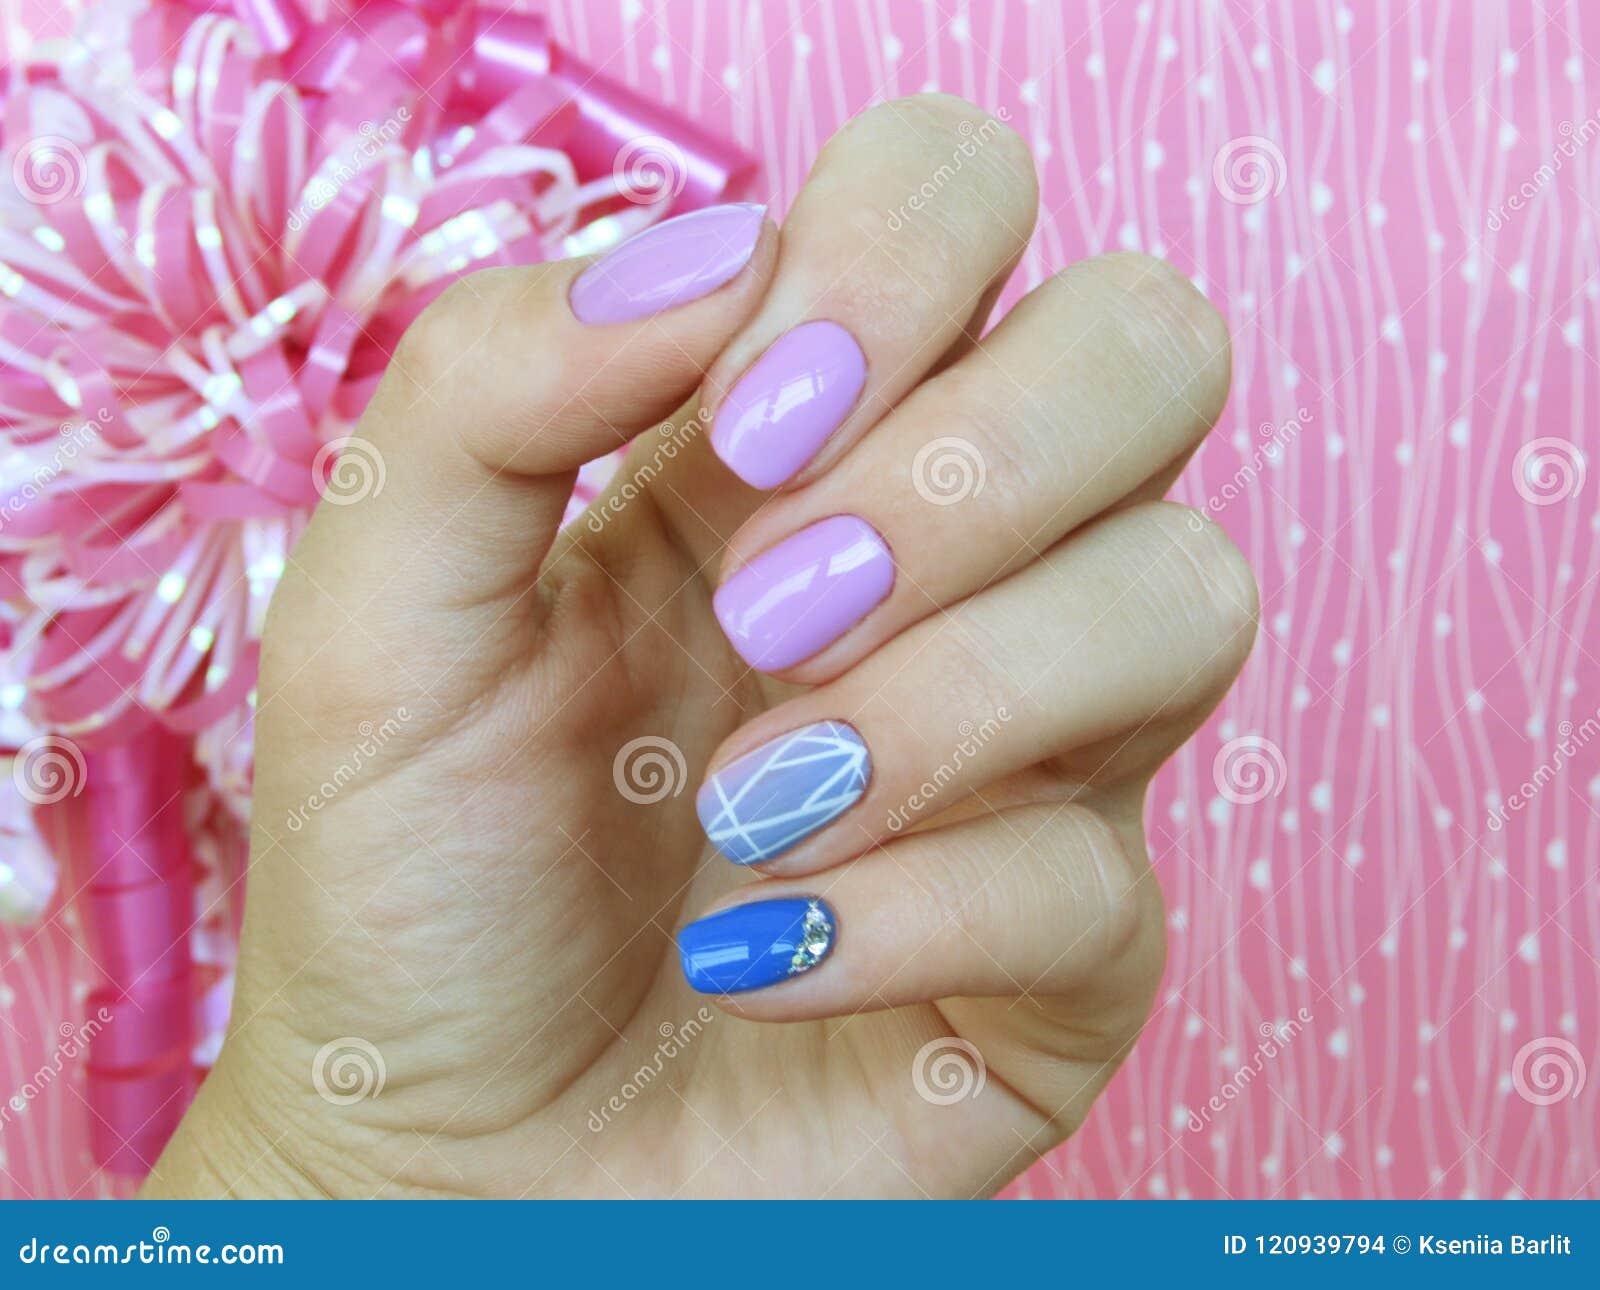 Violeta Azul Del Rosa Del Esmalte De Uñas Del Gel De La